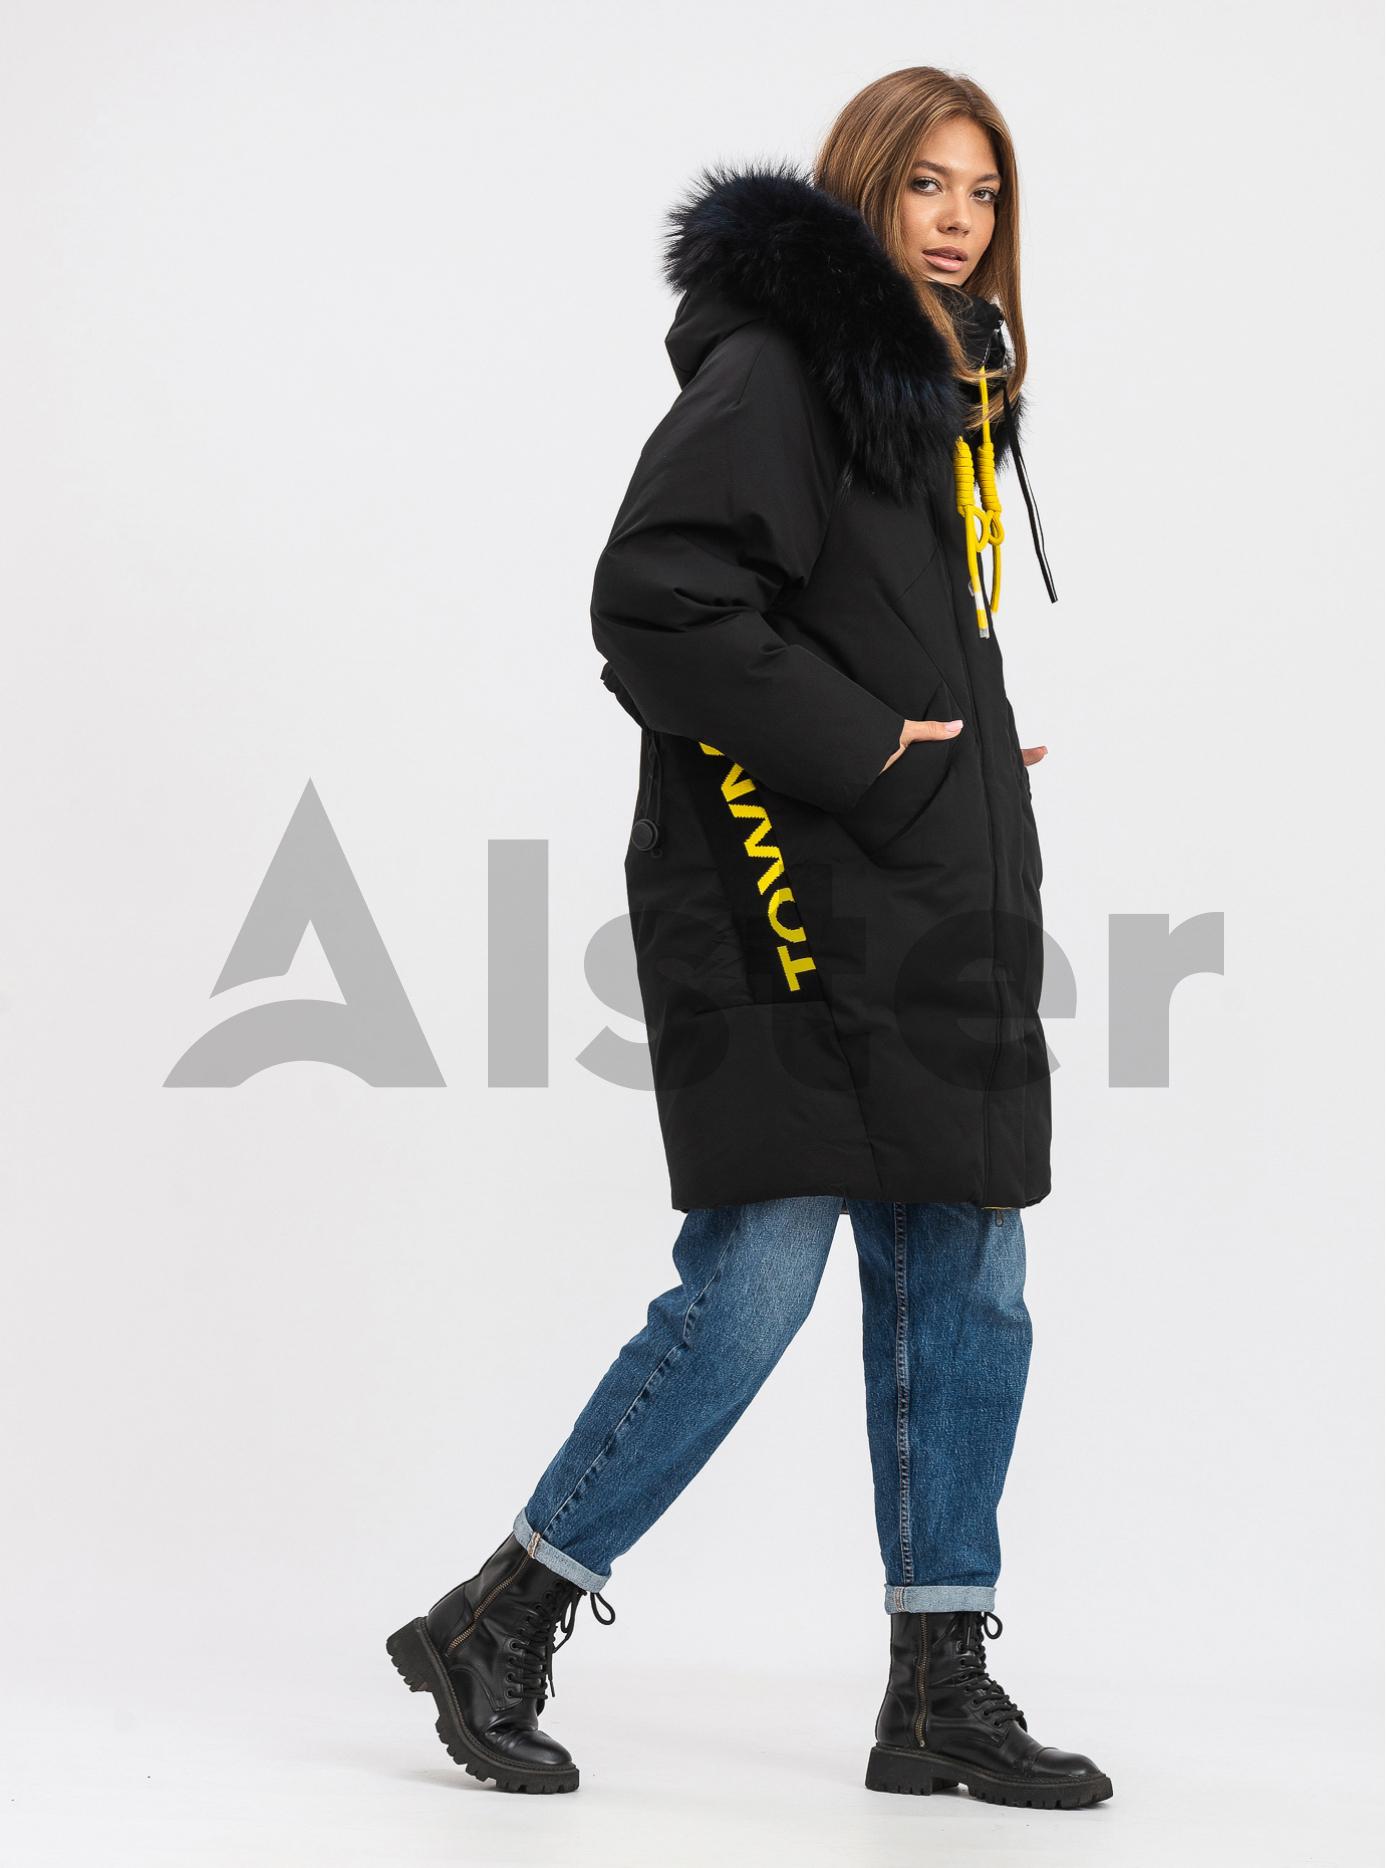 Жіноча зимова куртка середньої довжини TOWMY Чорний M (TWM546-02): фото - Alster.ua